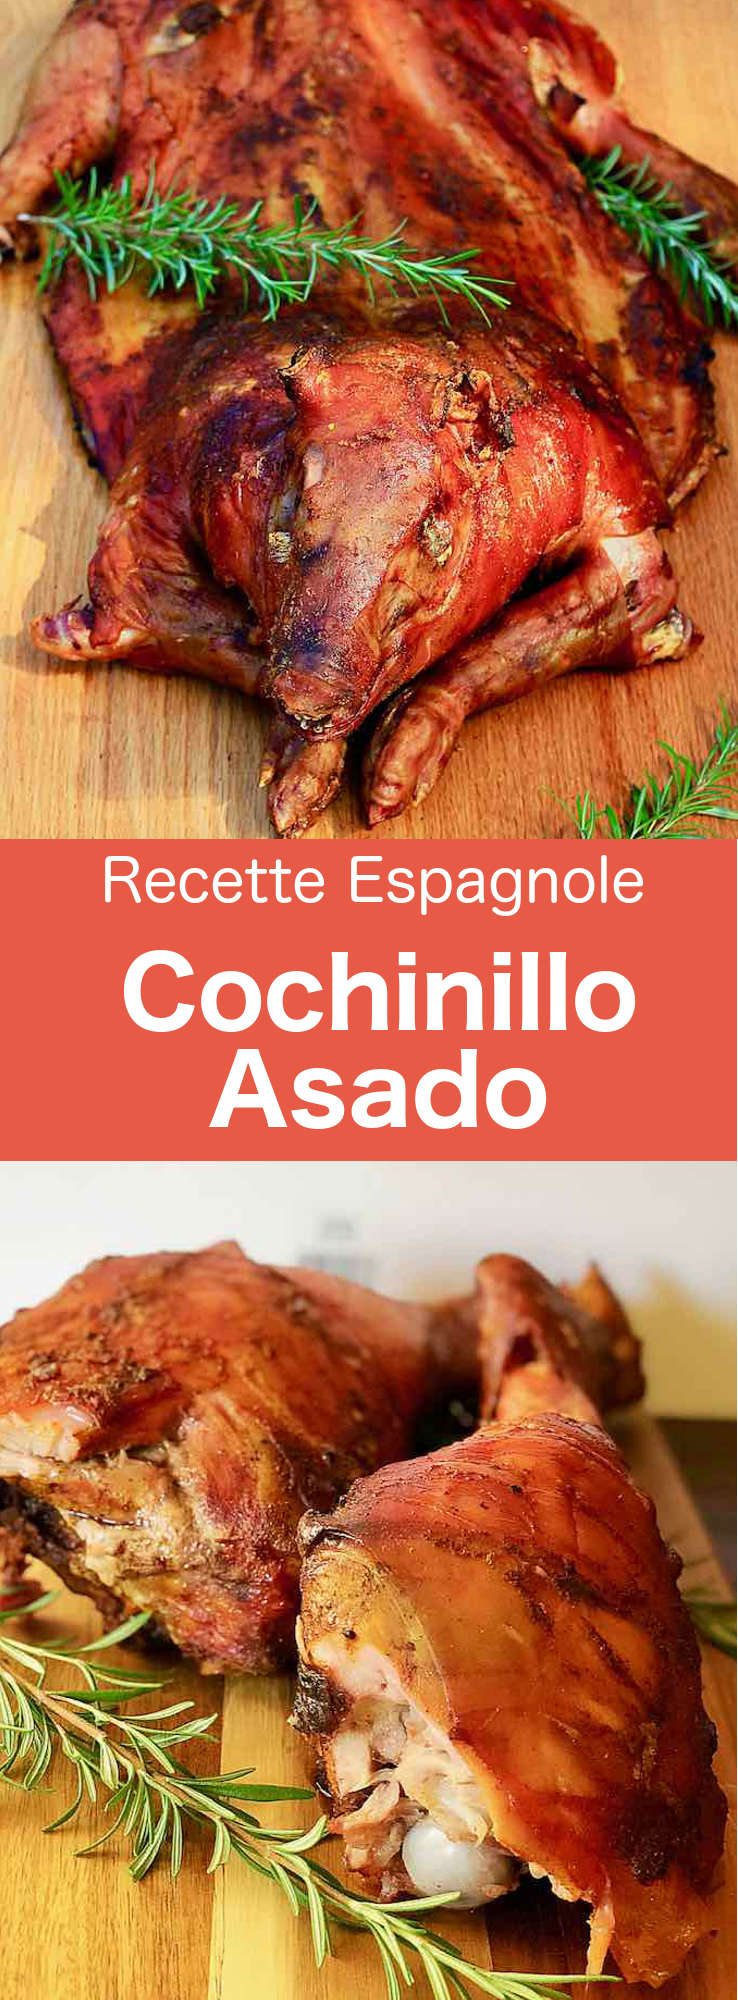 Le cochinillo asado (tostón asado) ou cochon de lait rôti est l'un des plats les plus typiques de la cuisine de Castille, en Espagne. #Espagne #CuisineEspagnole #RecetteEspagnole #CuisineDuMonde #196flavors